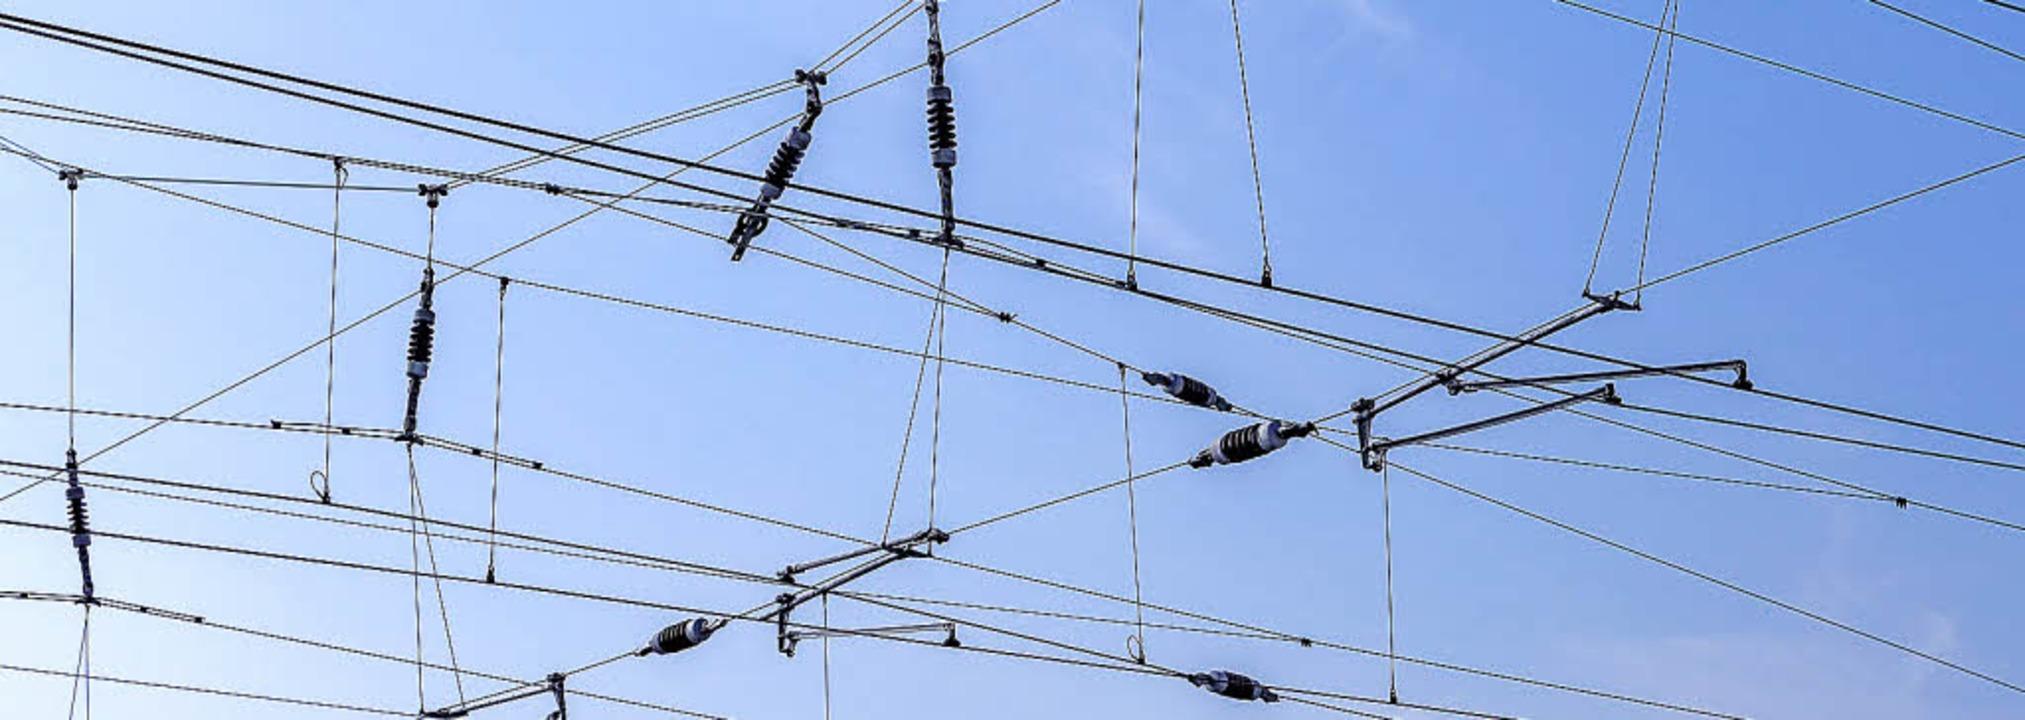 Unter Strom: Alle Strecken im Bereich ... des Ausbaus bis 2018 elektrifiziert.   | Foto: Matthias Buehner/Fotolia